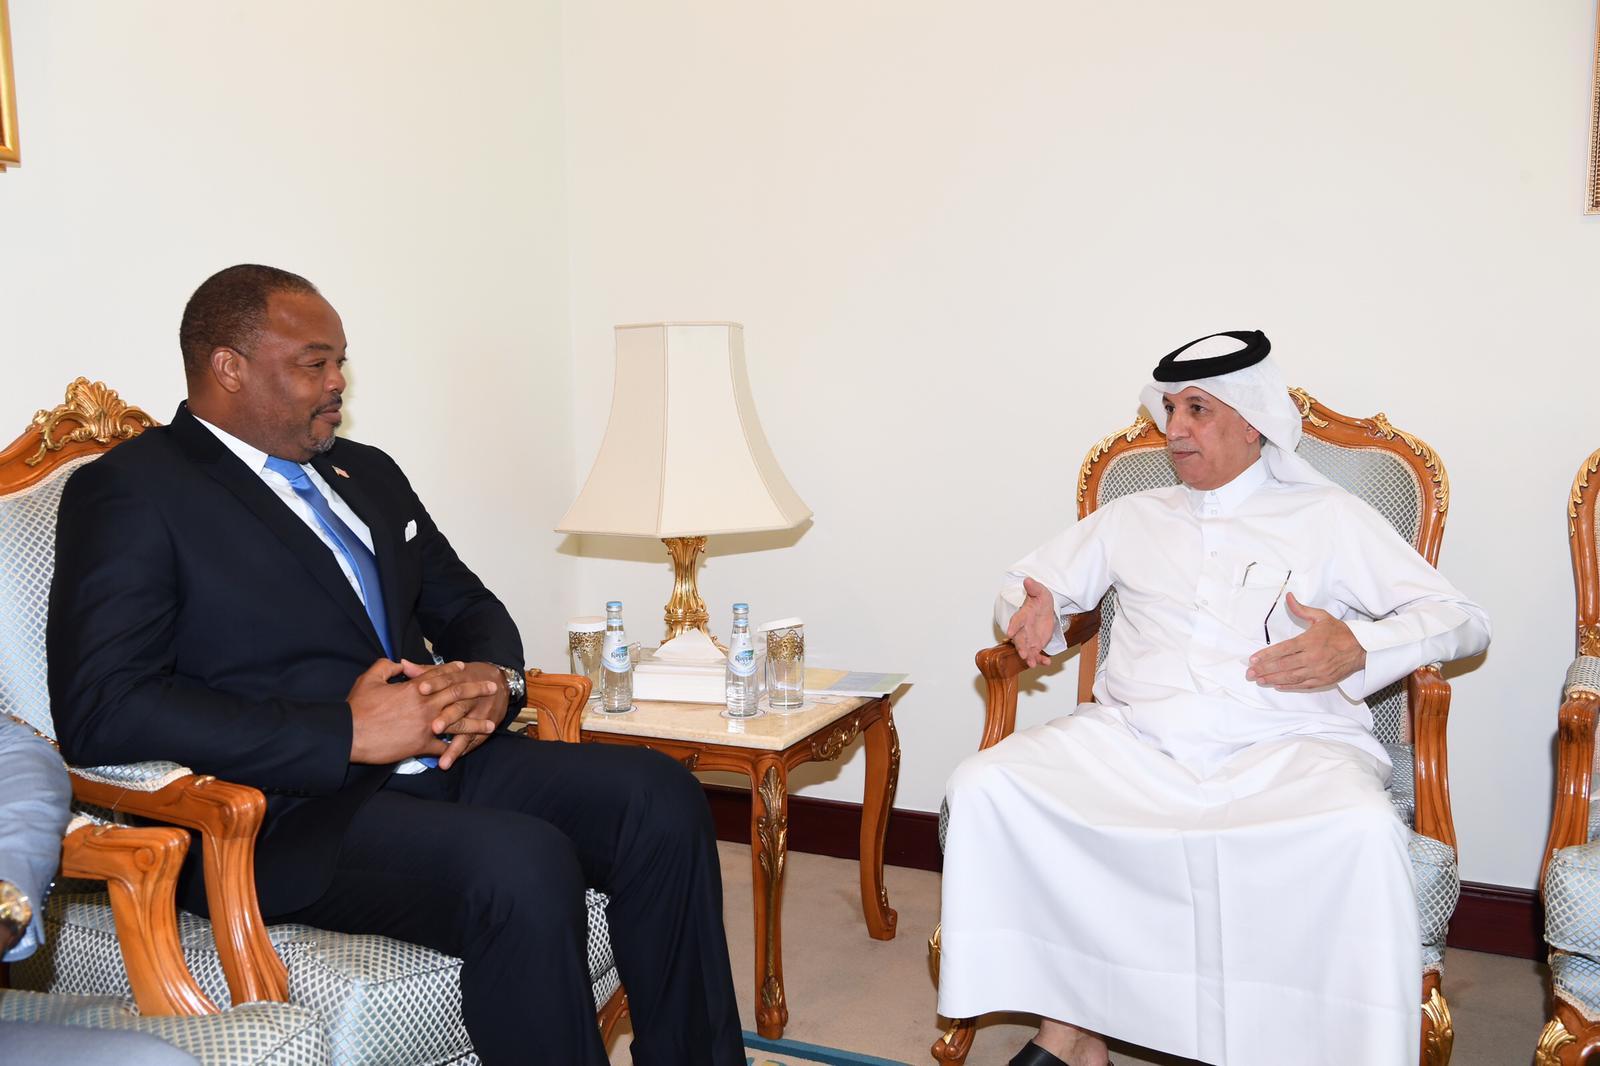 وزير الدولة للشؤون الخارجية يجتمع مع نائب وزير الخارجية الليبيري